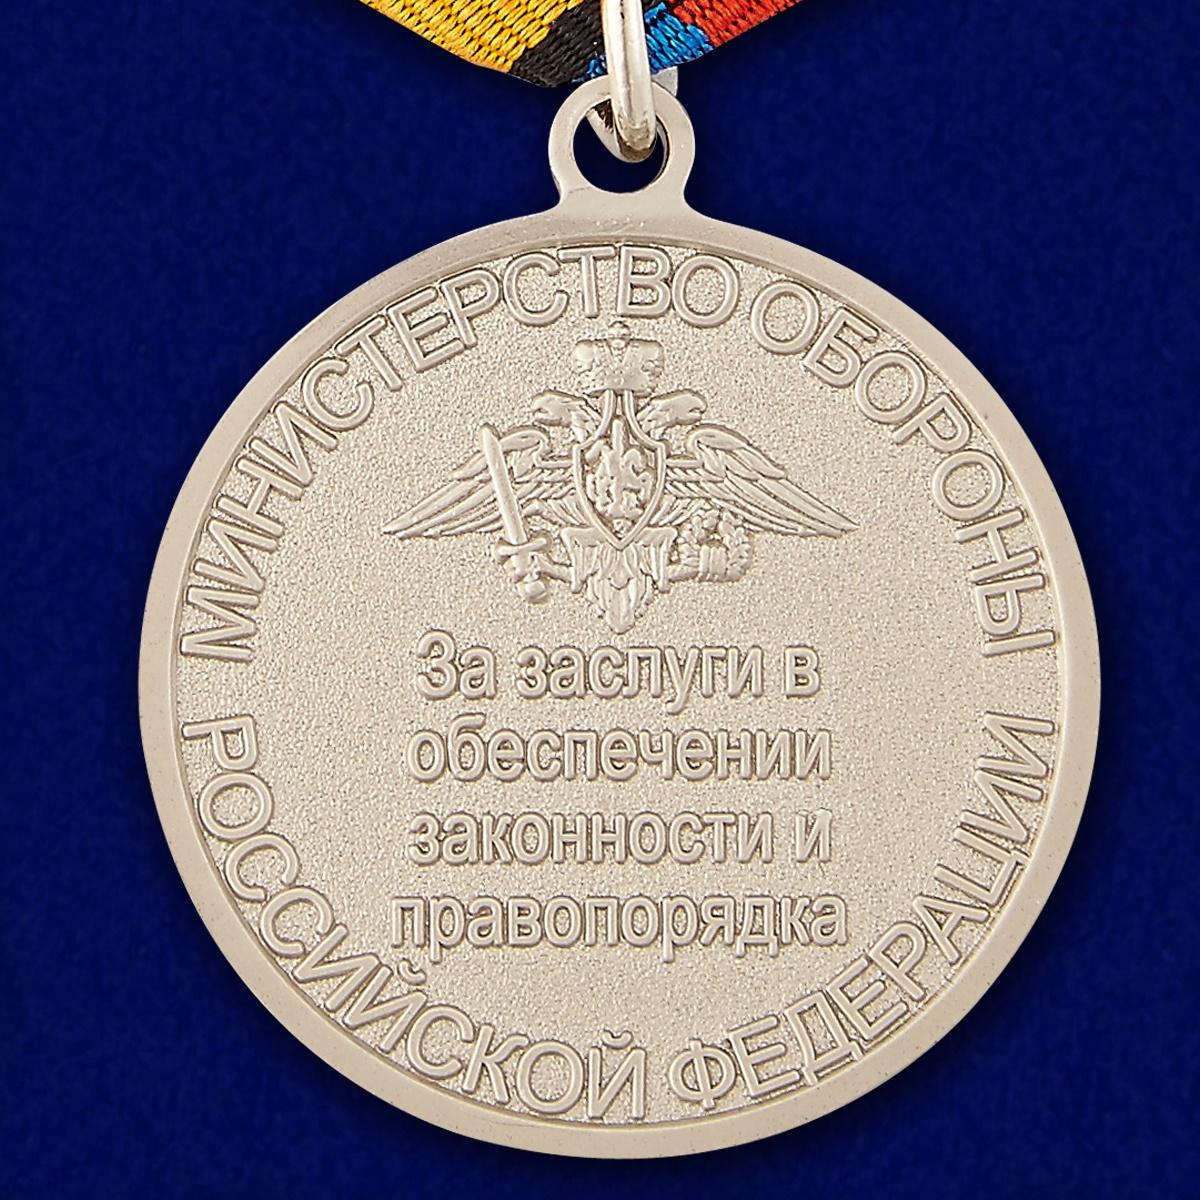 Фото медали за заслуги в учении 2014 в г.зернограде 4